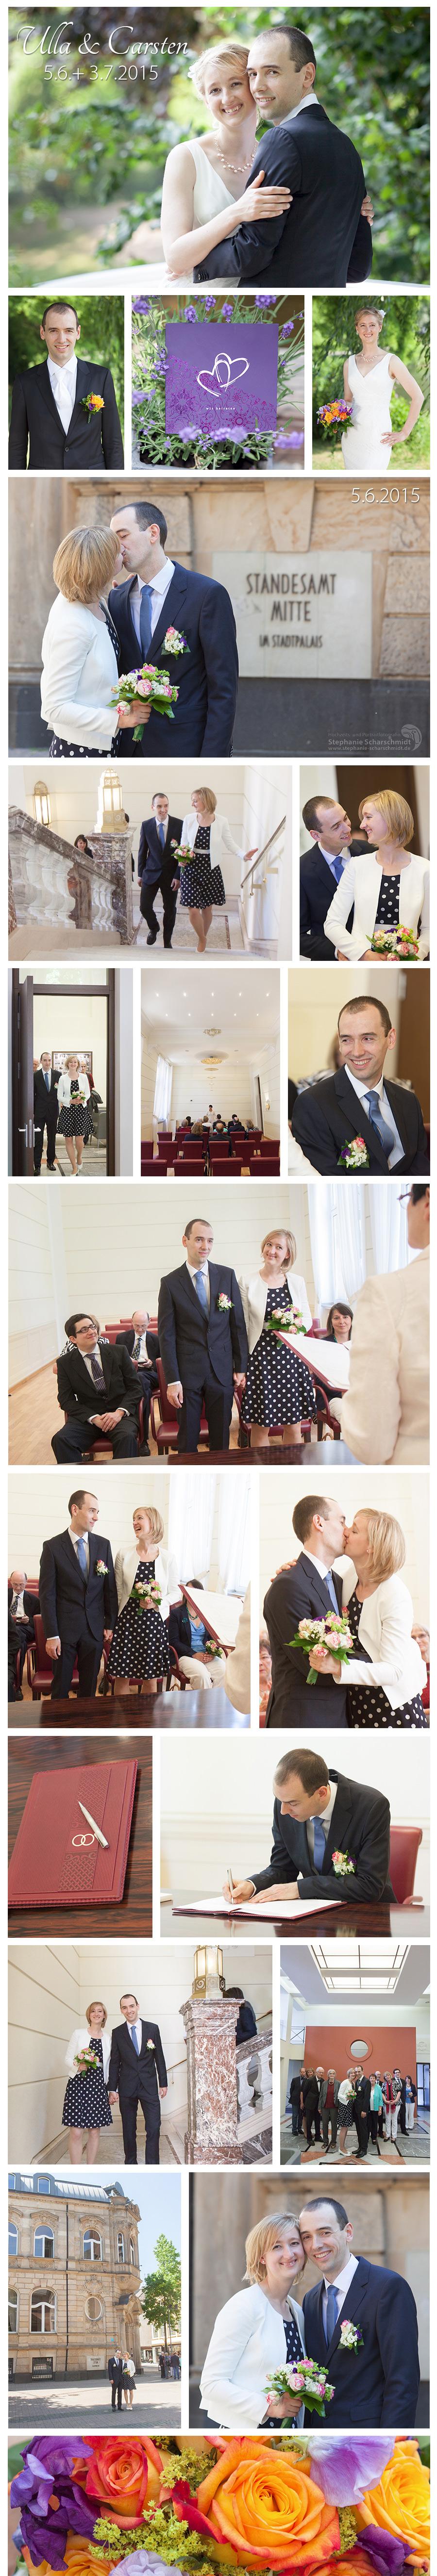 1 Hochzeitsfotograf in Krefeld – Standesamtliche Trauung im Standesamt Mitte in Krefeld (Stadtpalais Krefeld) - Hochzeitsfotografin Stephanie Scharschmidt